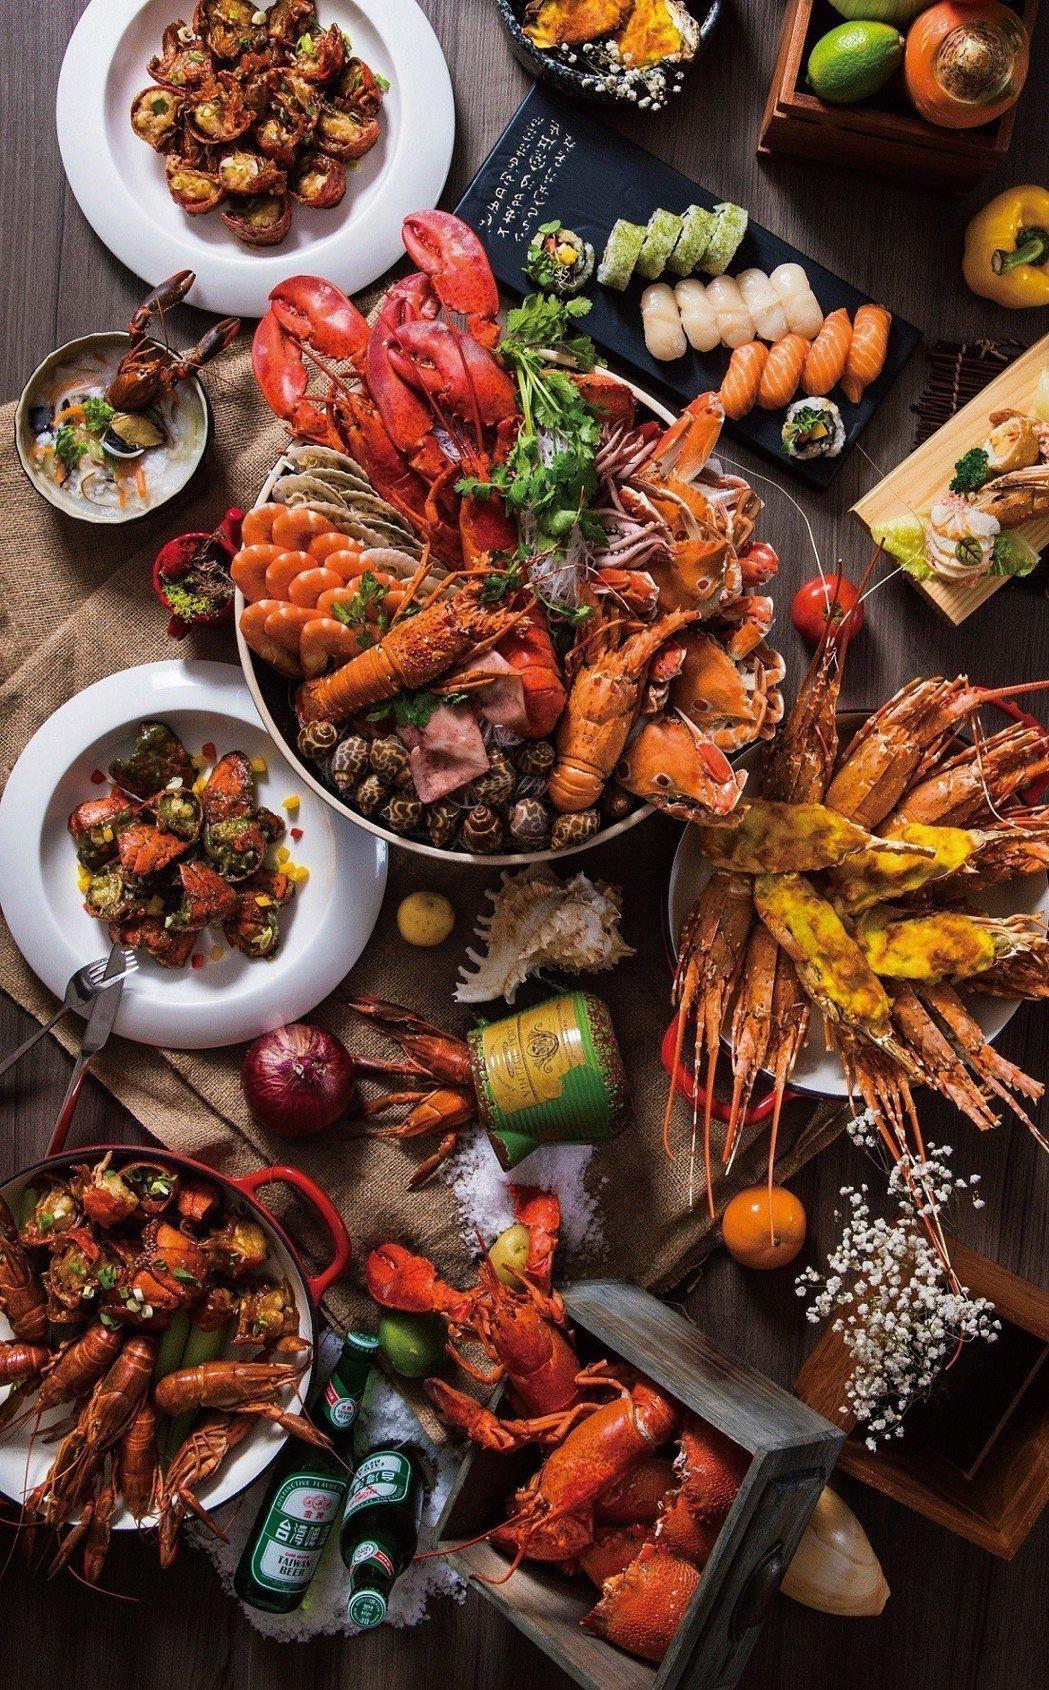 「凱達大飯店」百宴自助餐廳,即日起至5/10,周一至周四晚餐時段,限時推出海鮮之...